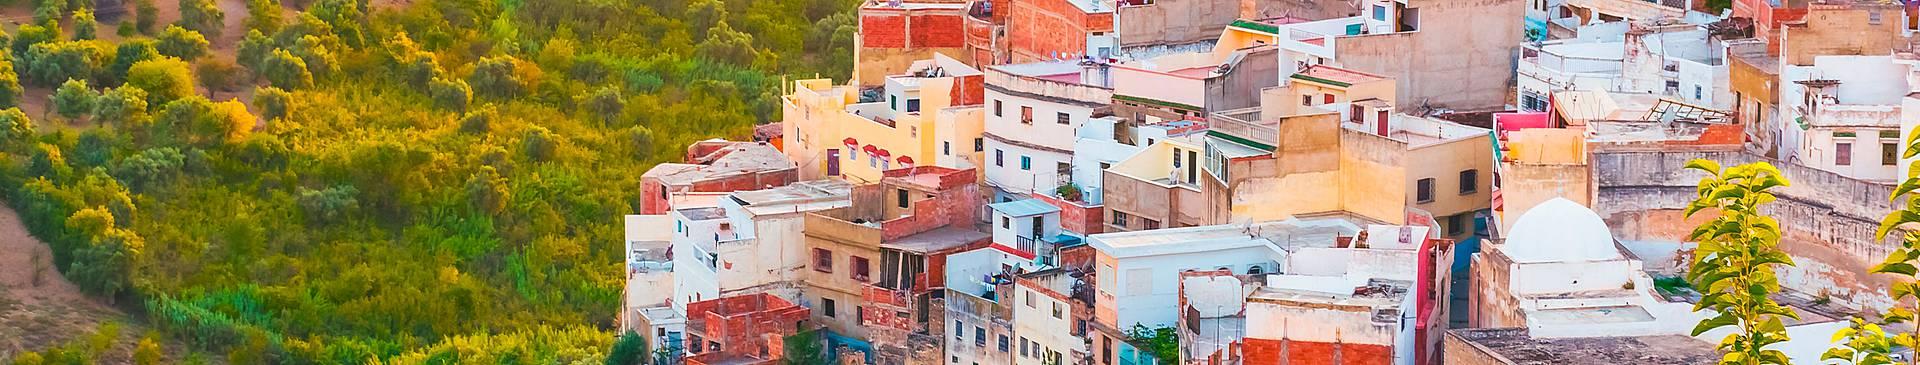 Städtereise Marokko